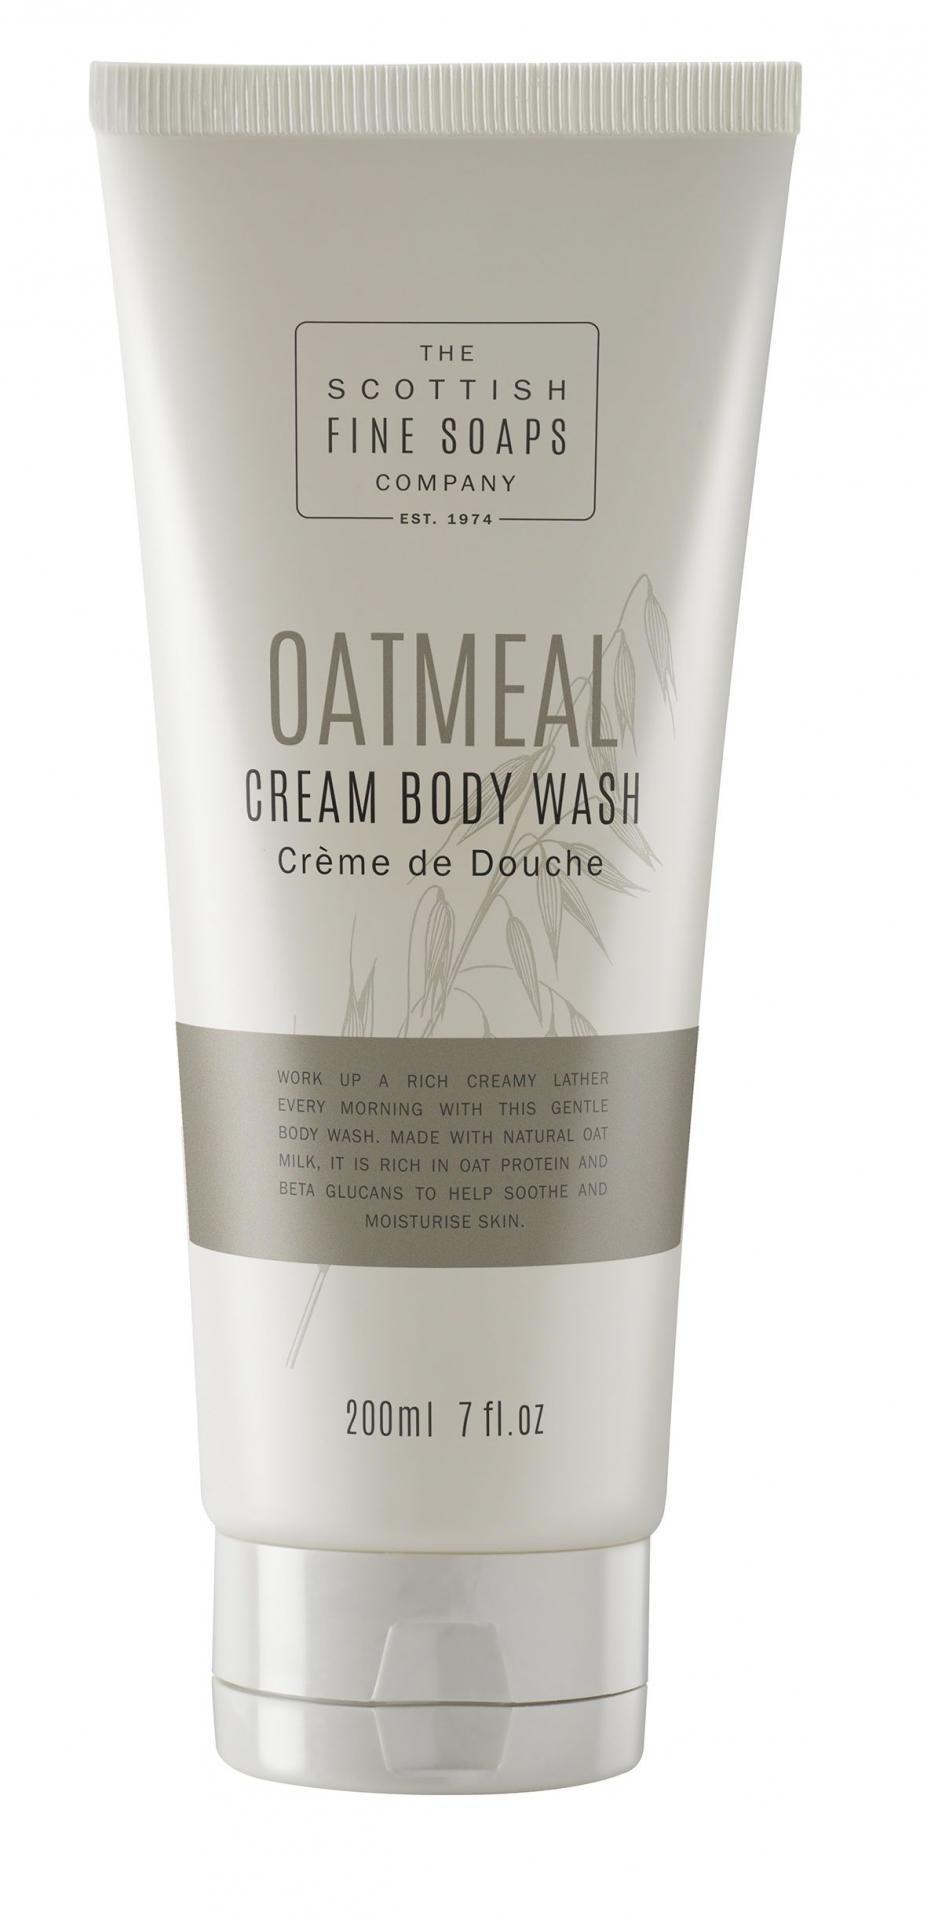 SCOTTISH FINE SOAPS Sprchový gel Oatmeal 200ml, béžová barva, krémová barva, plast